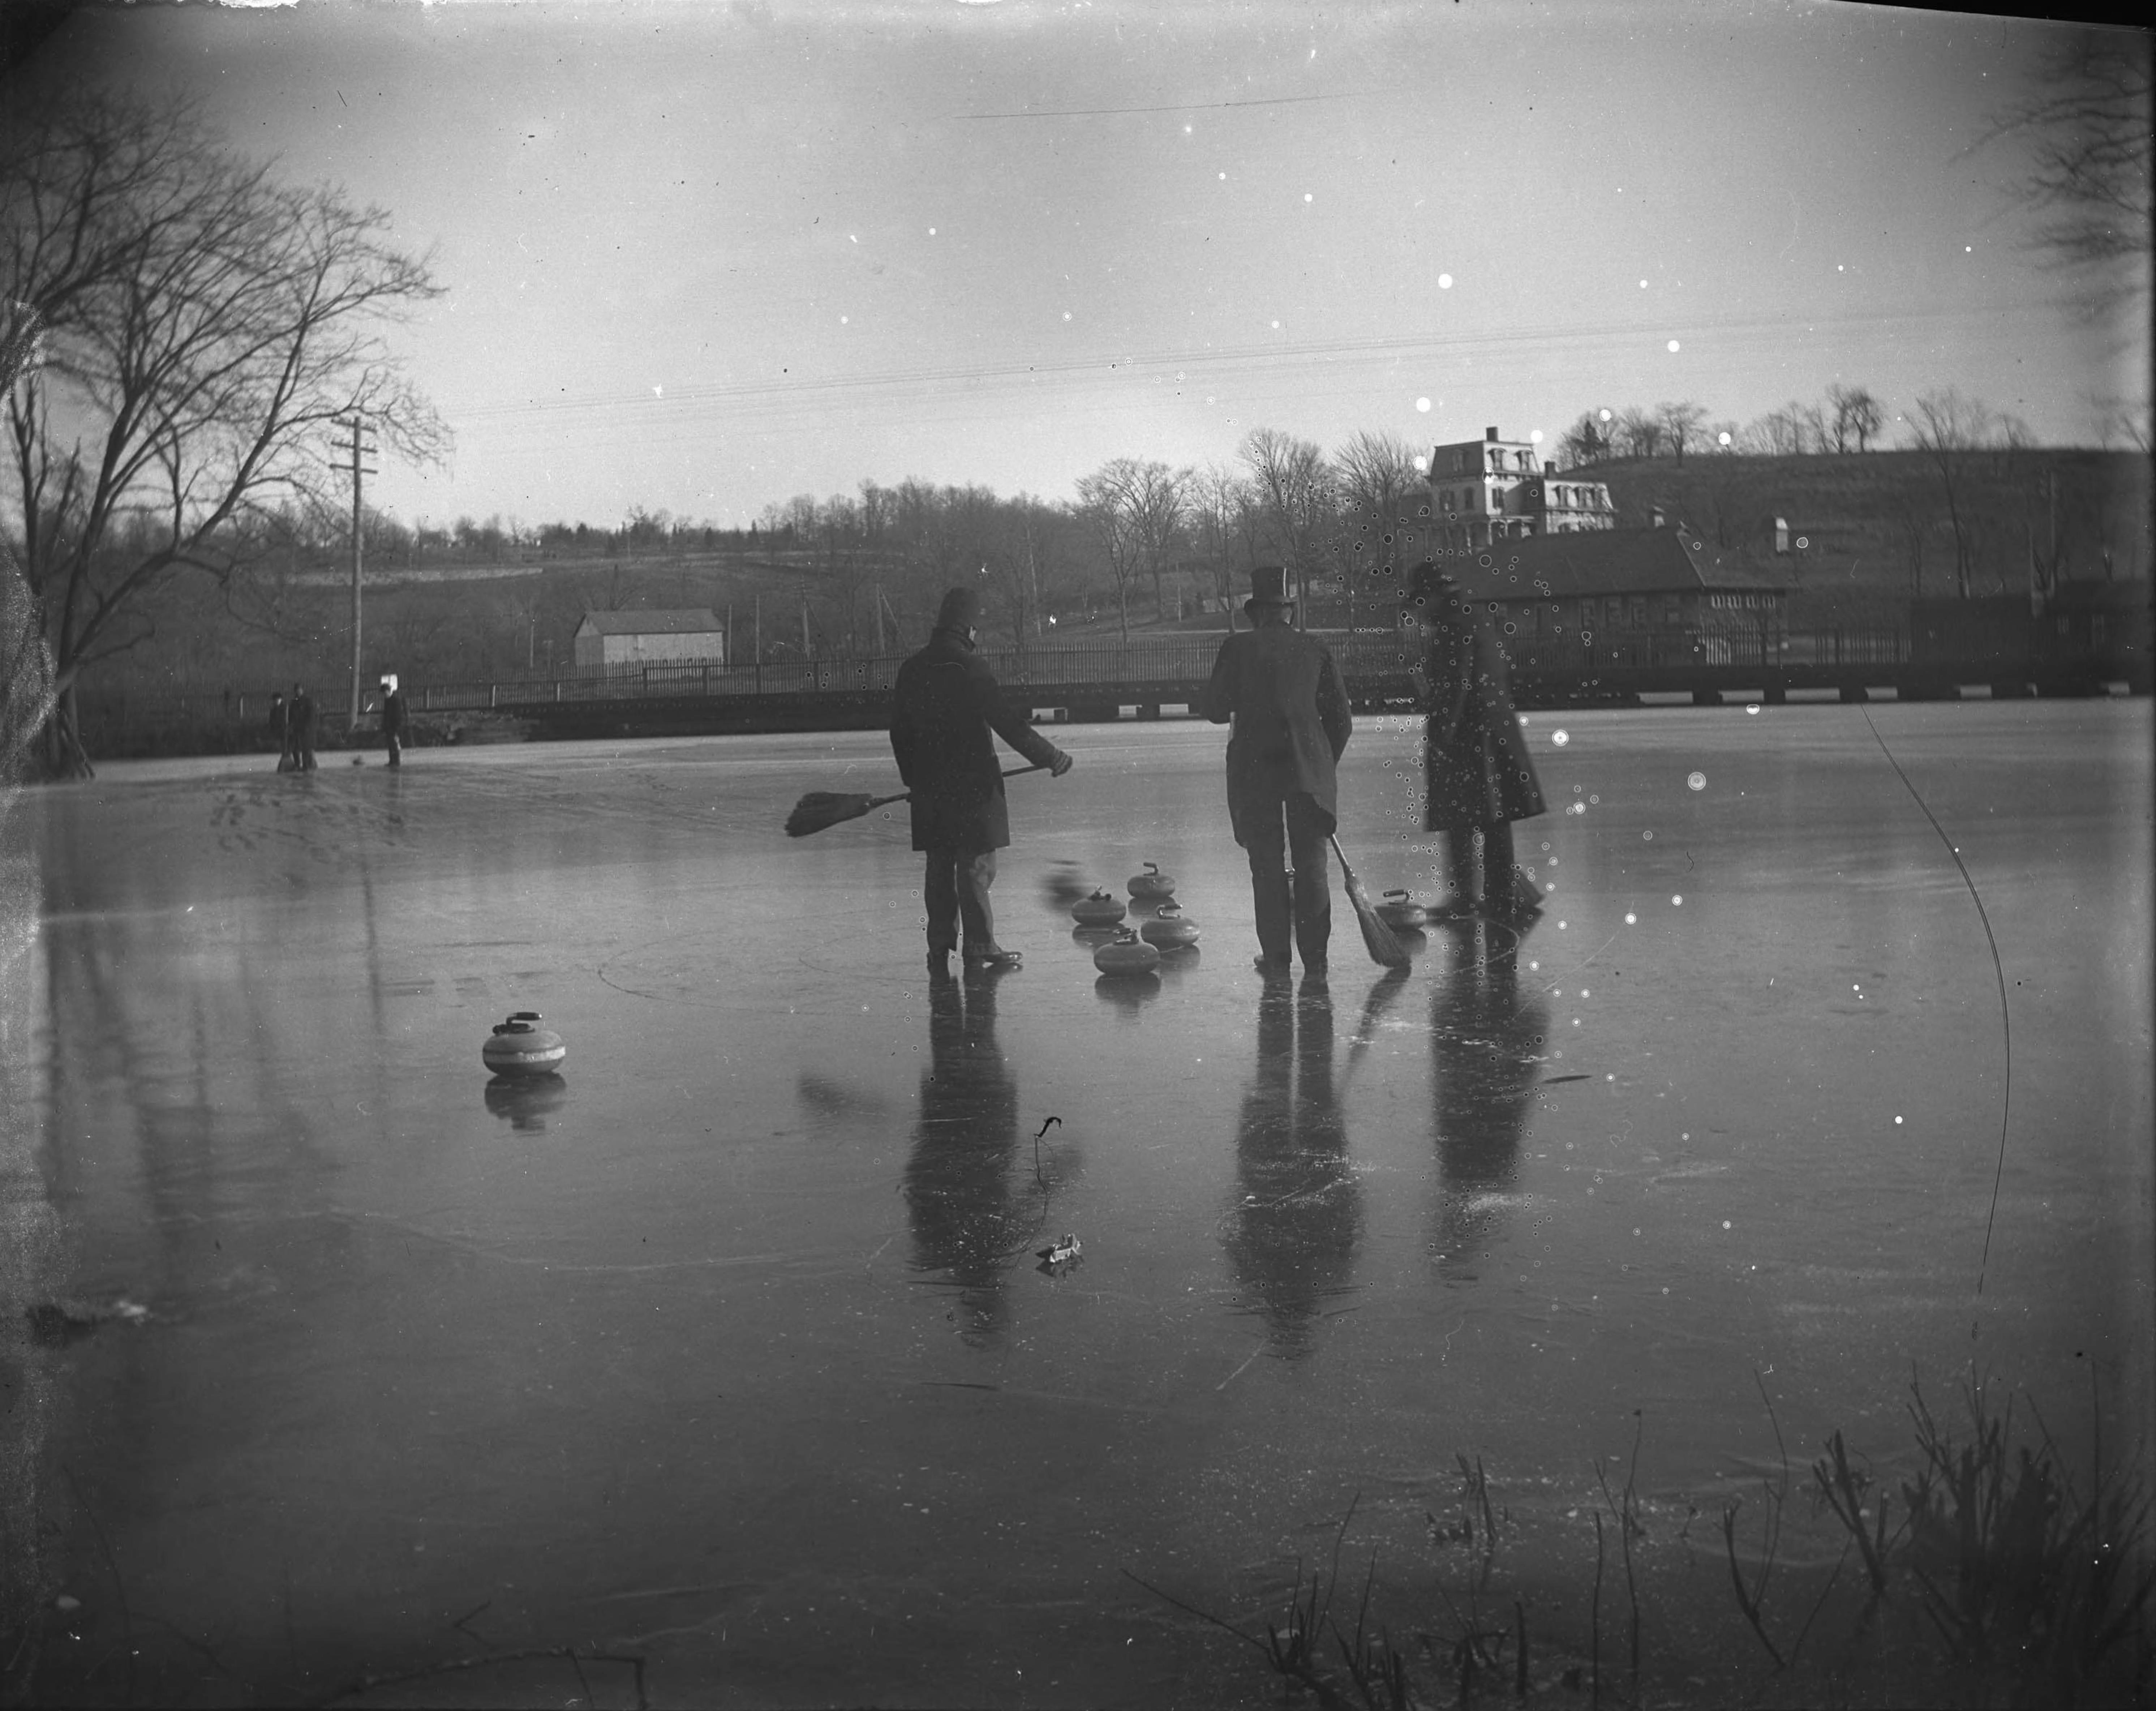 Curling on Van Cortlandt Lake, Van Cortlandt Park, Bronx, N.Y., February 1902.